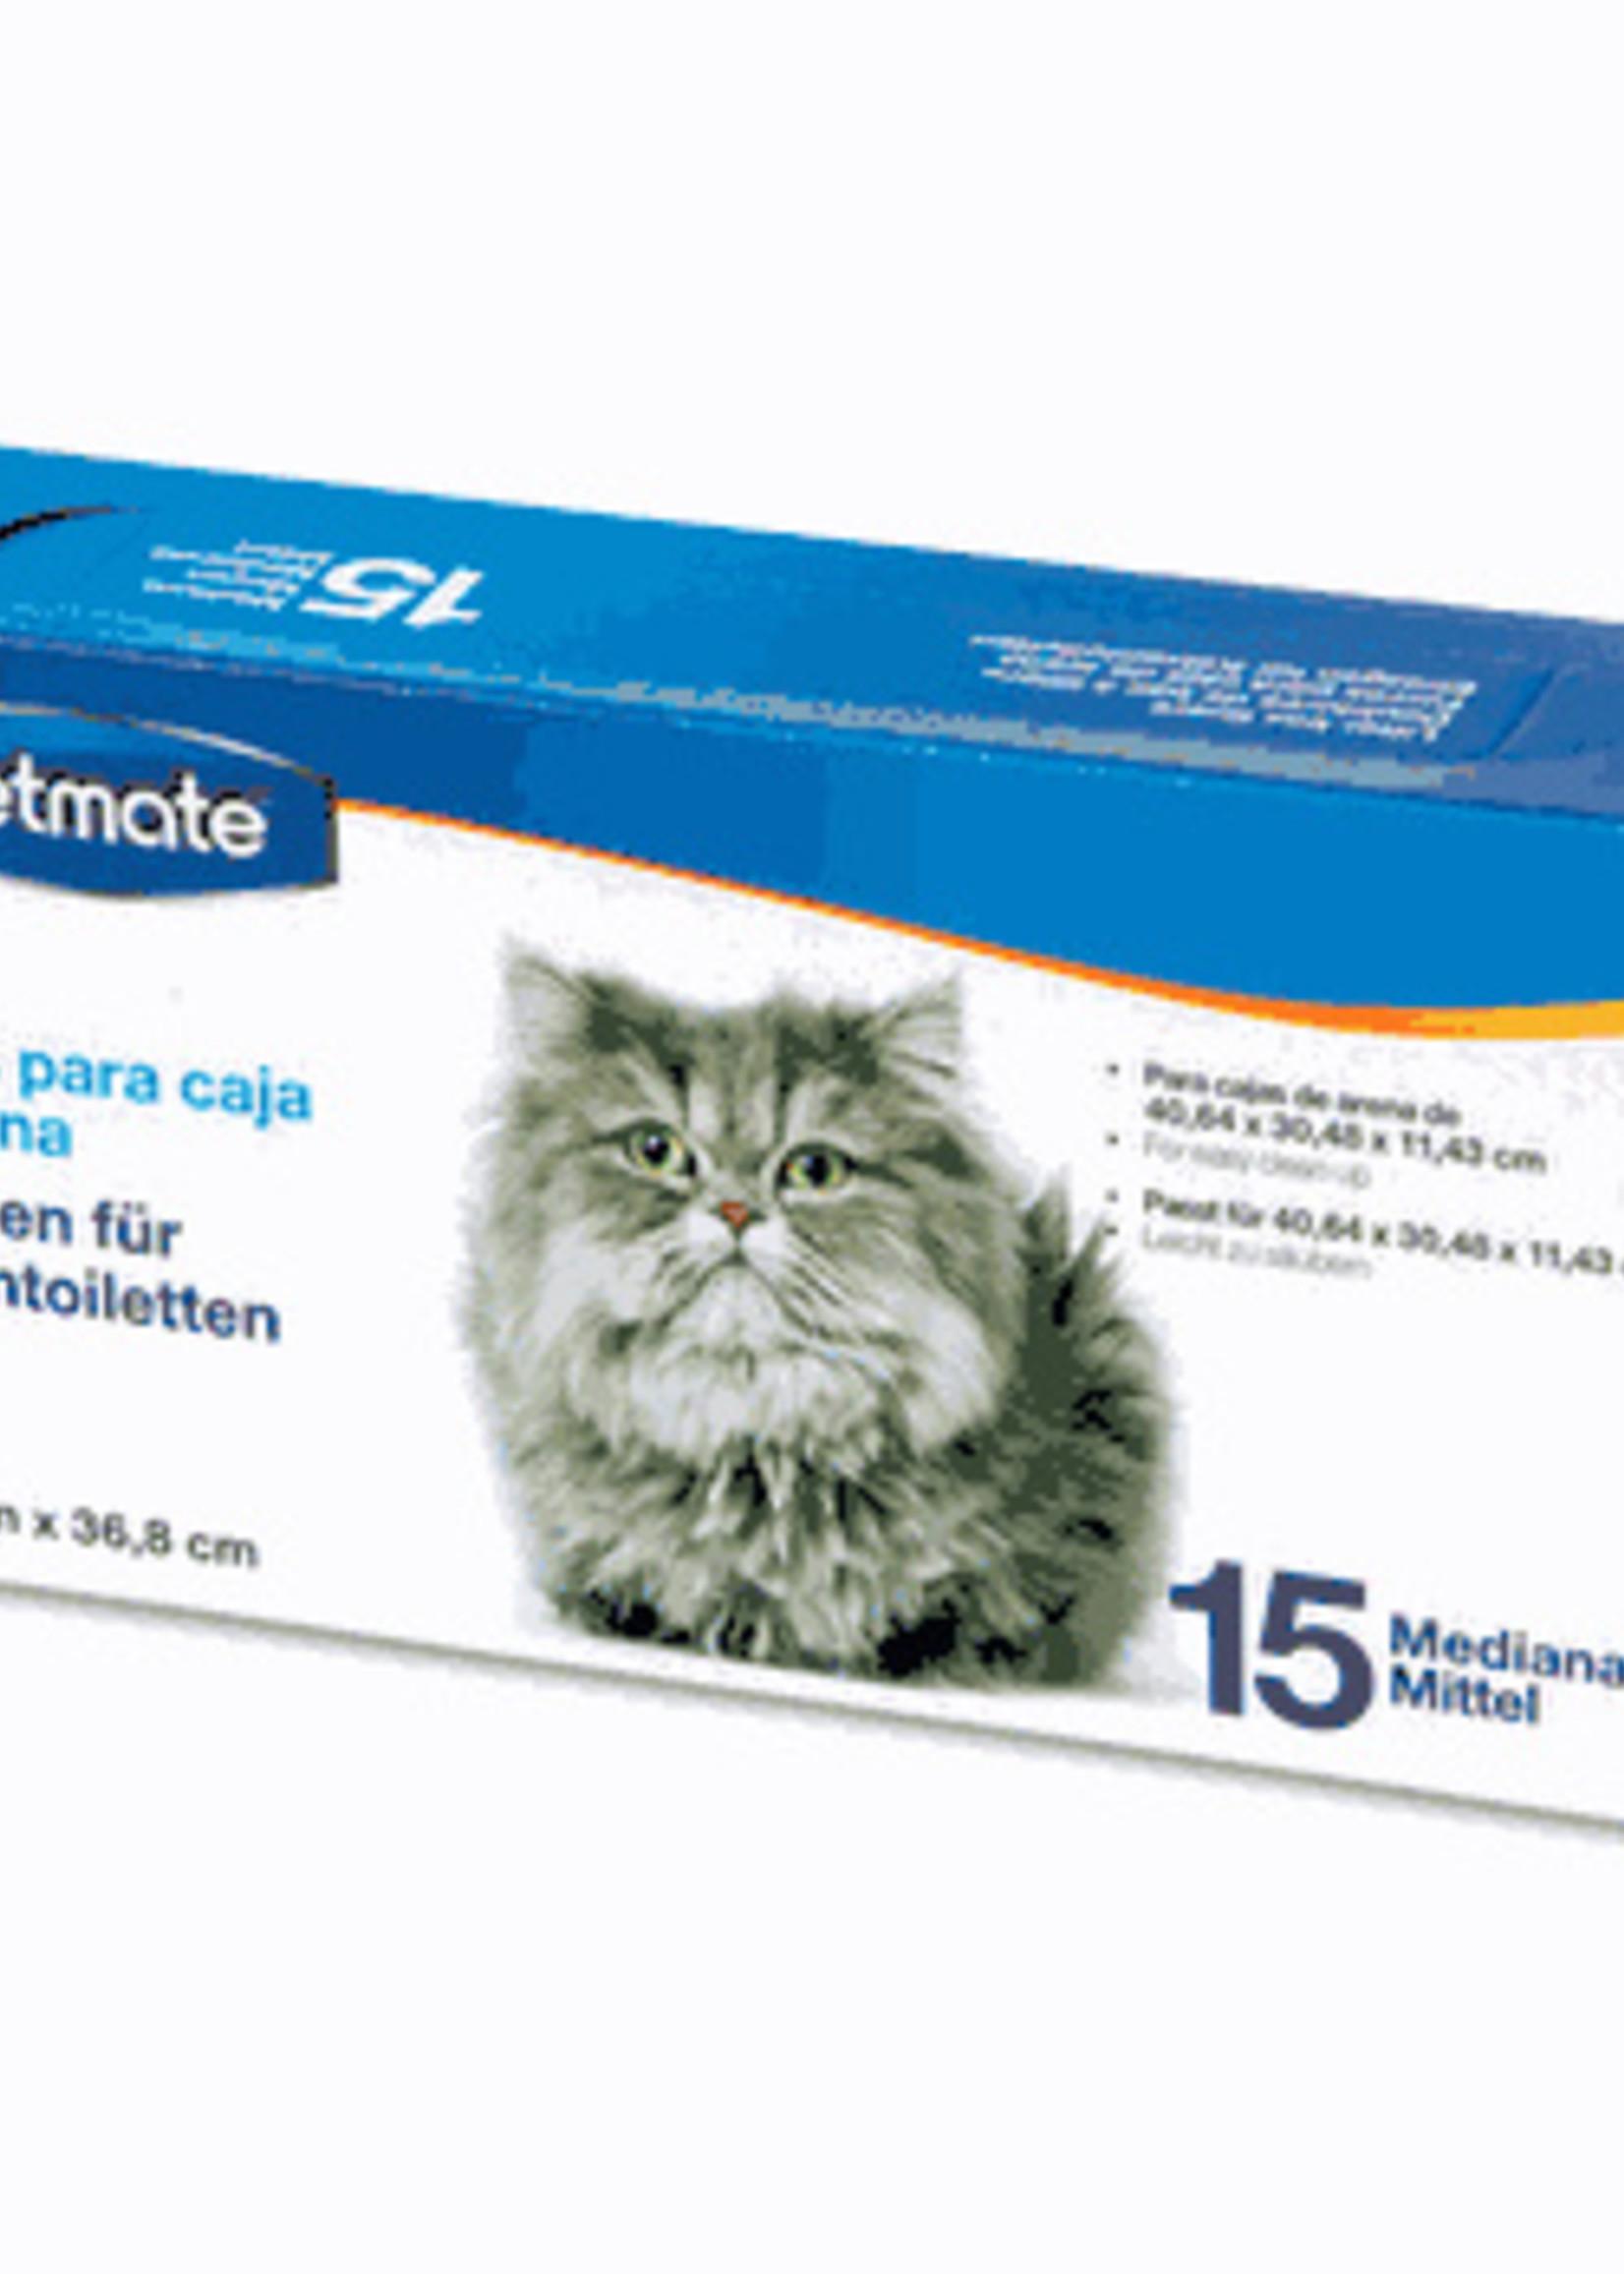 Petmate Petmate Litter Pan Liners Medium